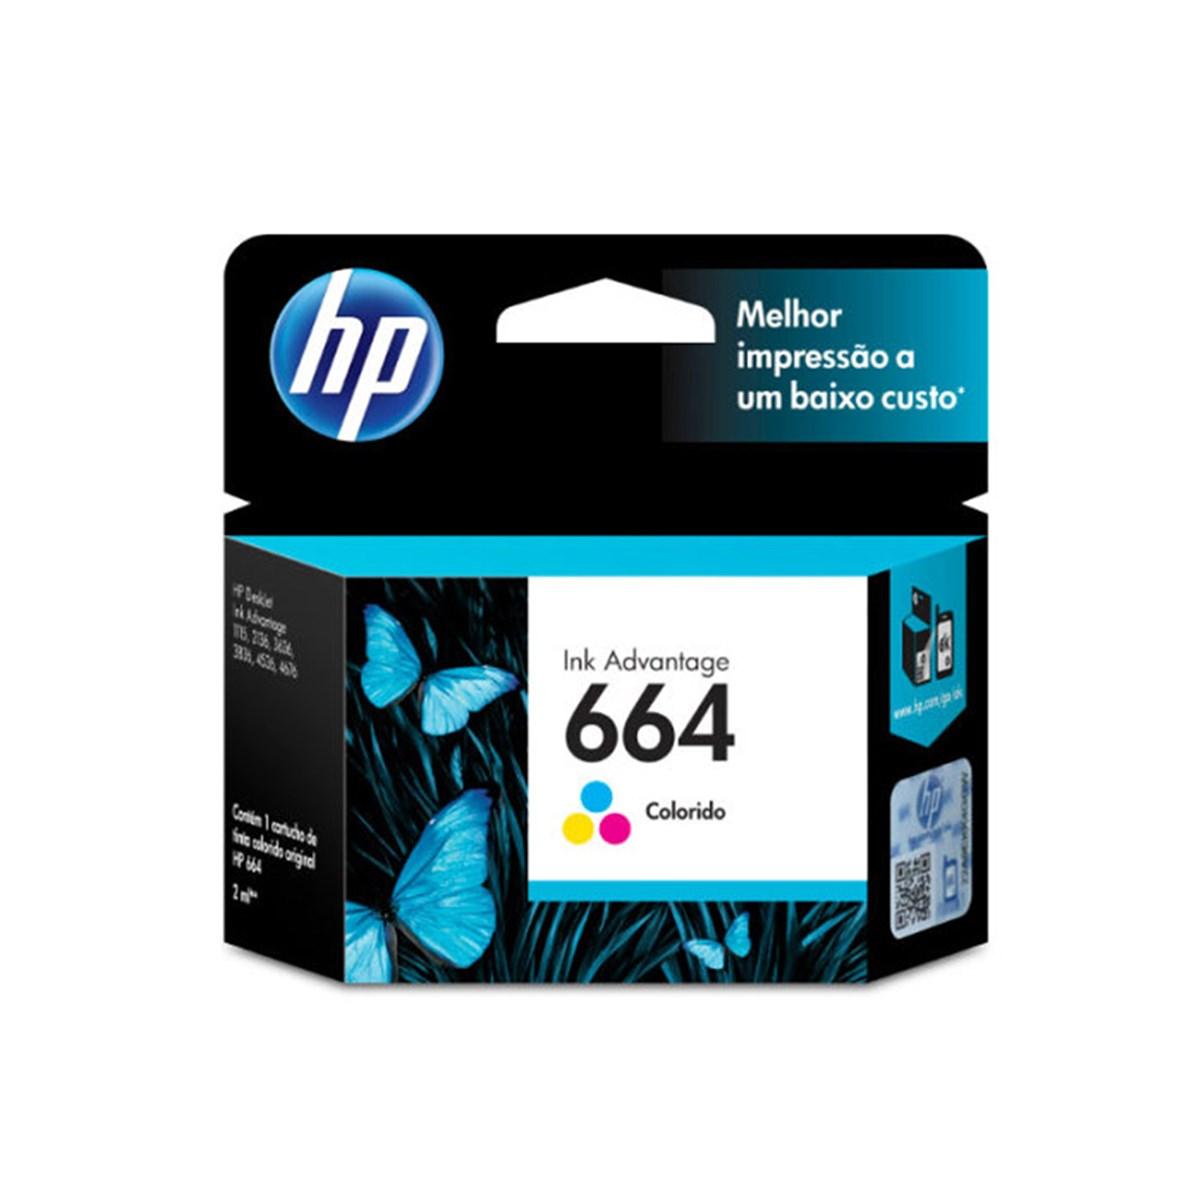 Cartucho HP664 HP 664 F6V28AB Colorido para 1115 2136 3636 3836 4536 4676